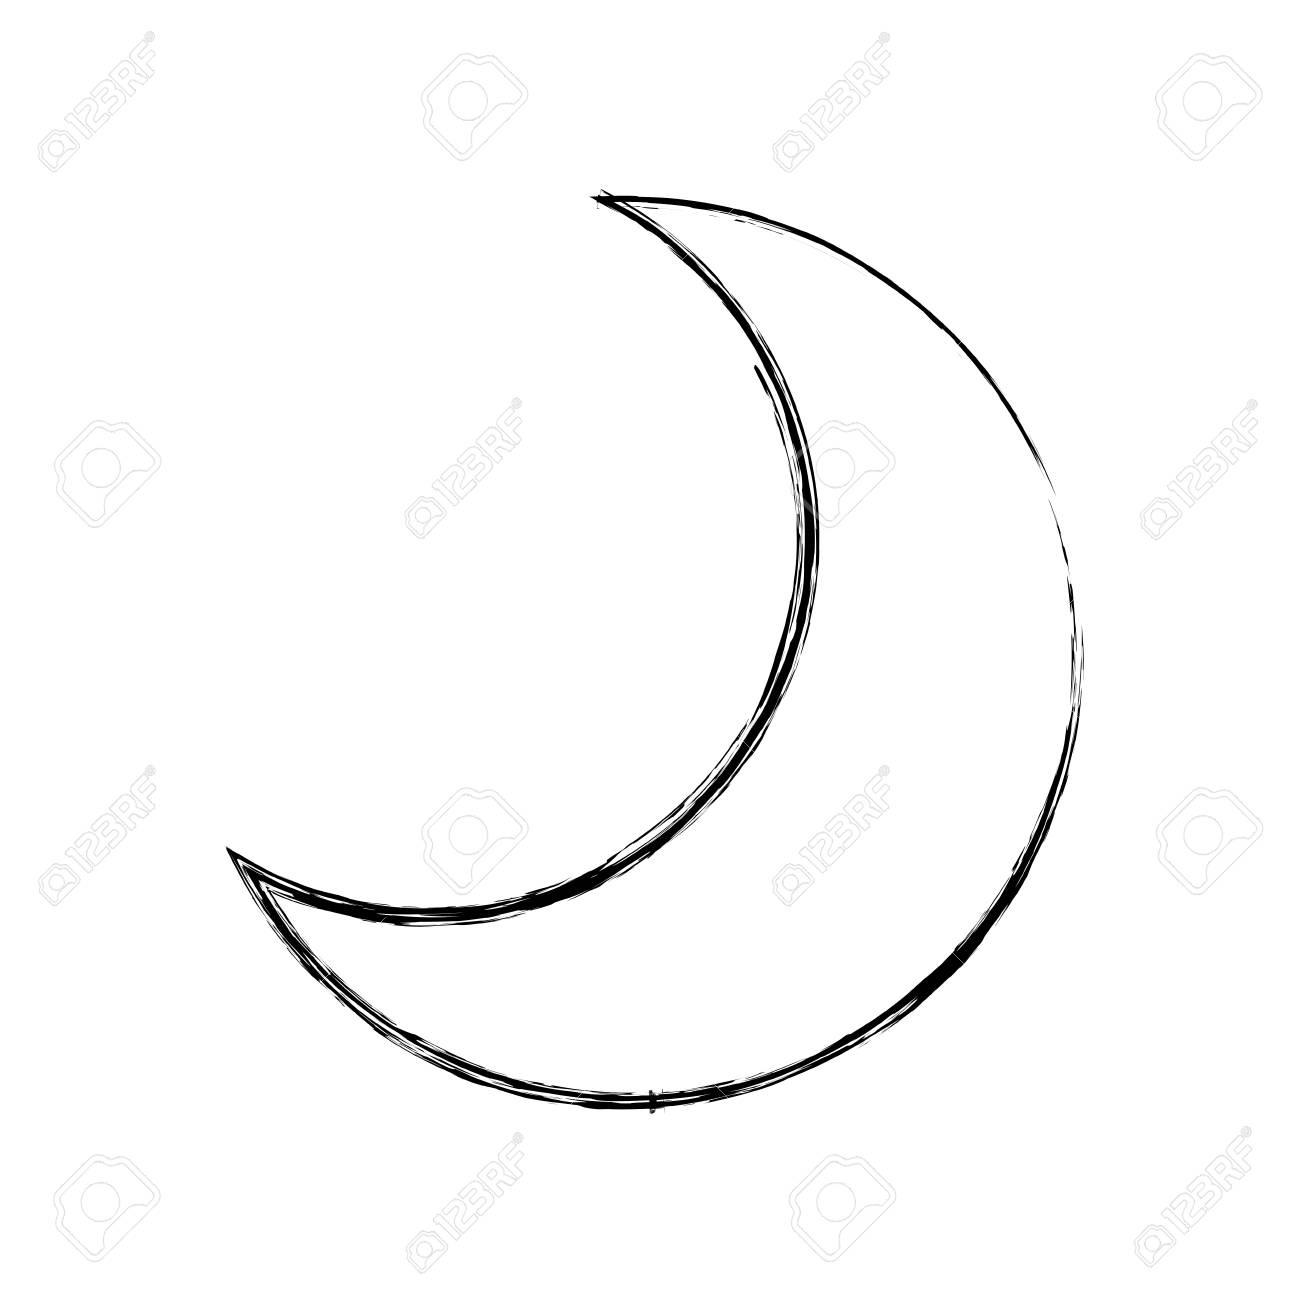 Luna Cuarto Menguante Icono De Dibujos Animados Vector Ilustración ...